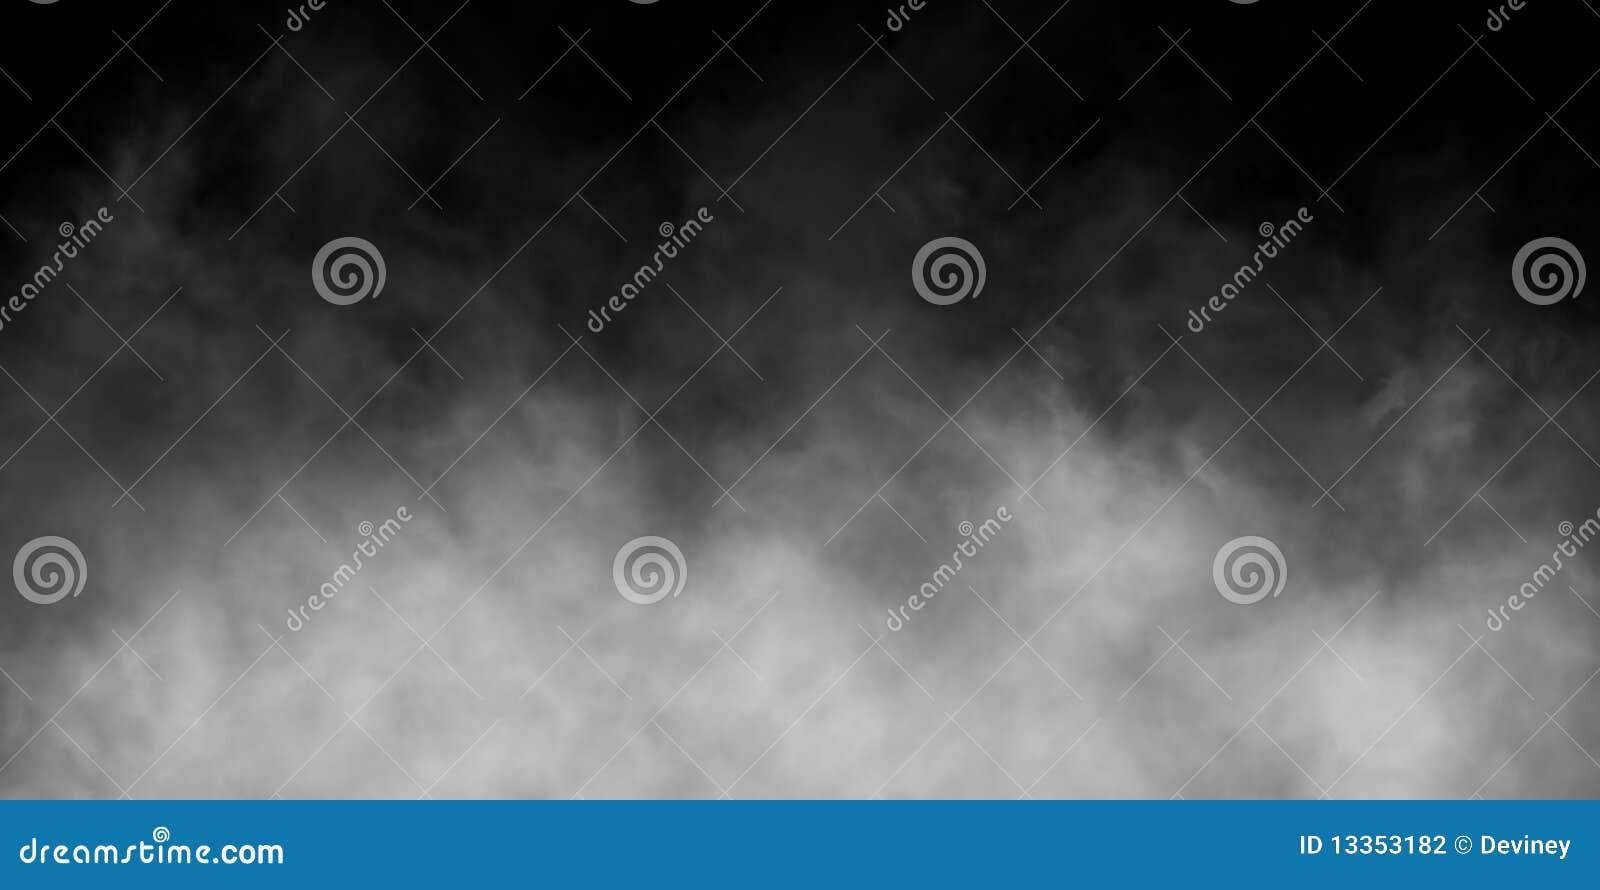 Smokey fog background